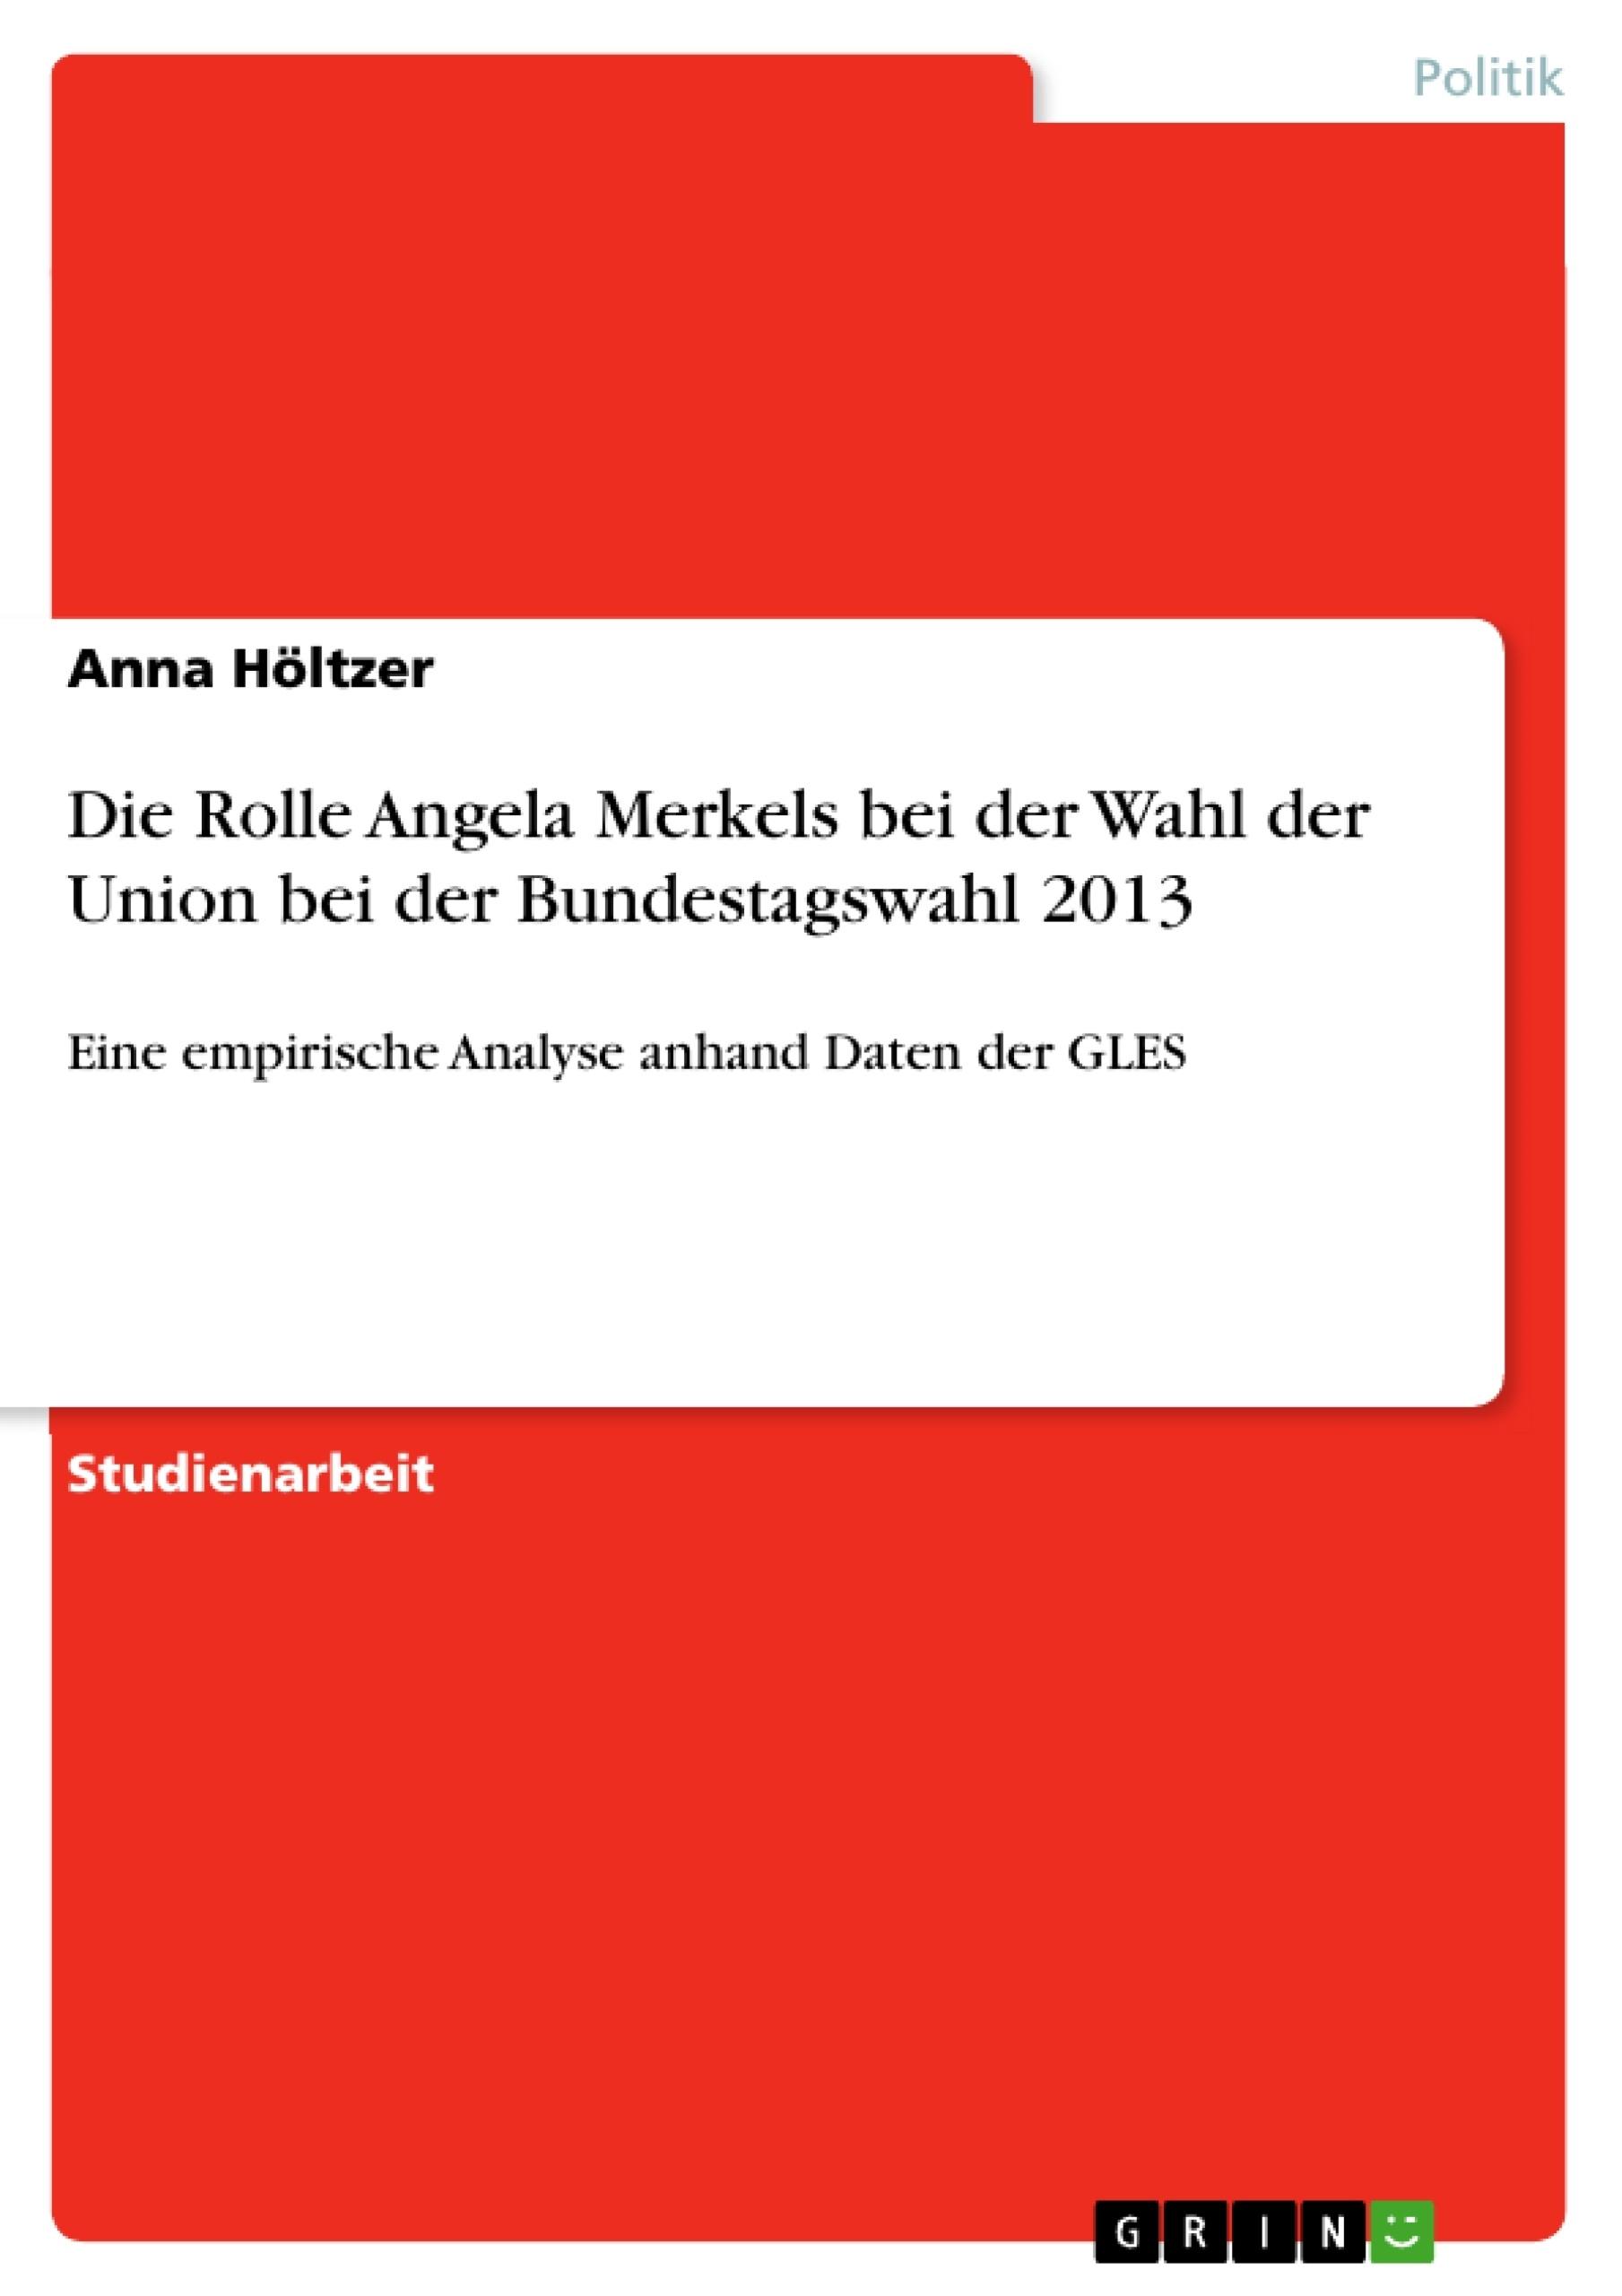 Titel: Die Rolle Angela Merkels bei der Wahl der Union bei der Bundestagswahl 2013